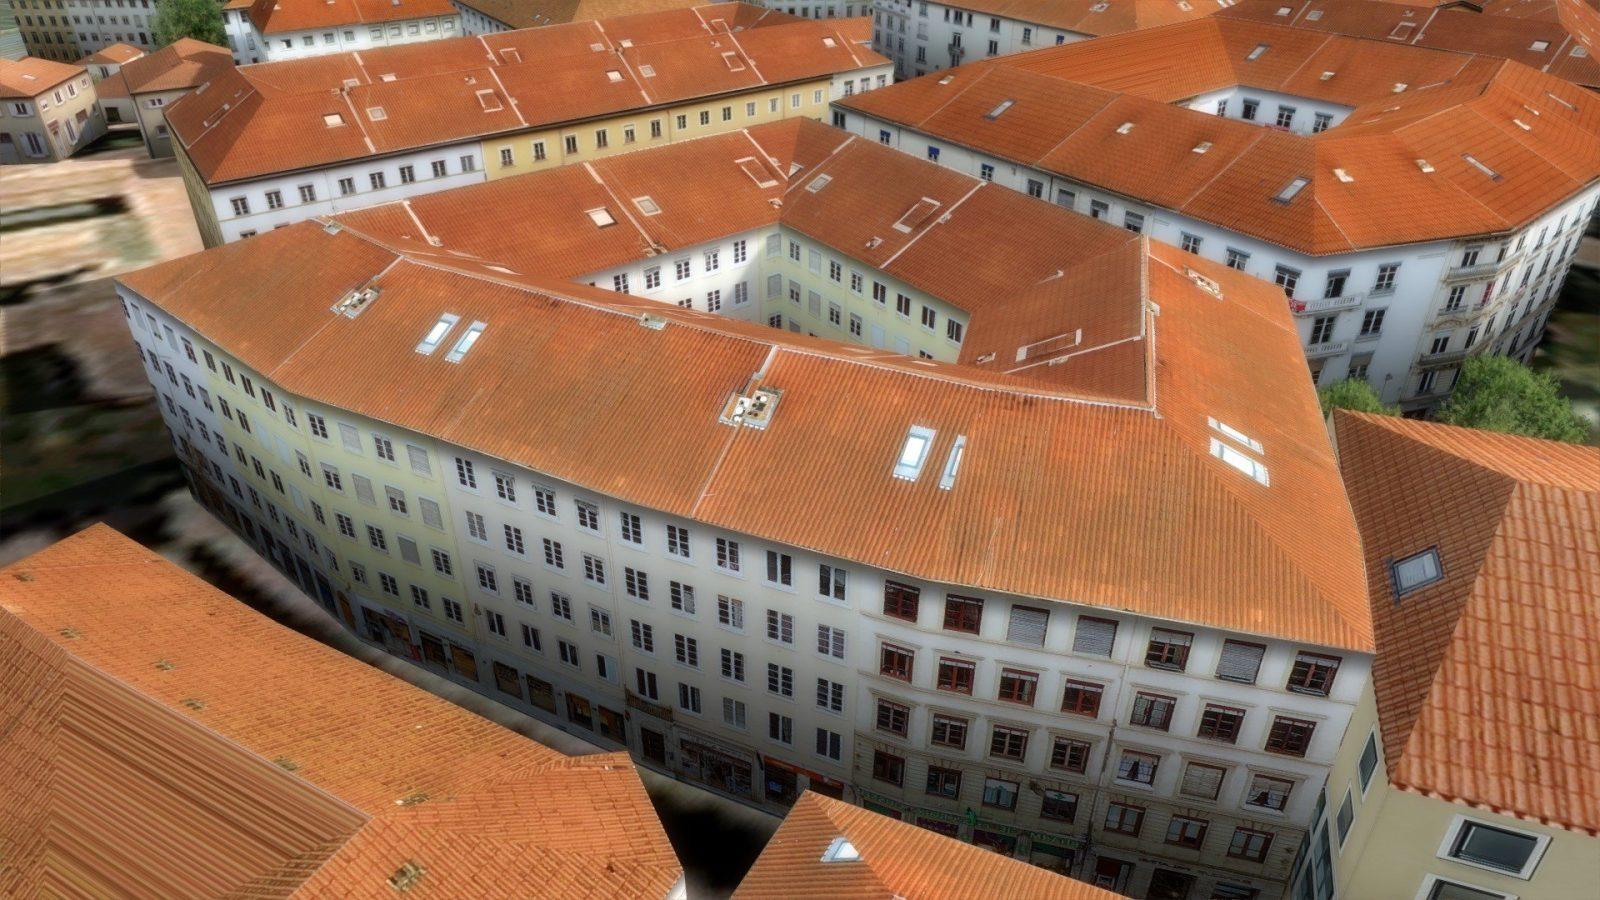 orbx-buildings-hd-previews-9-1600x900.jp